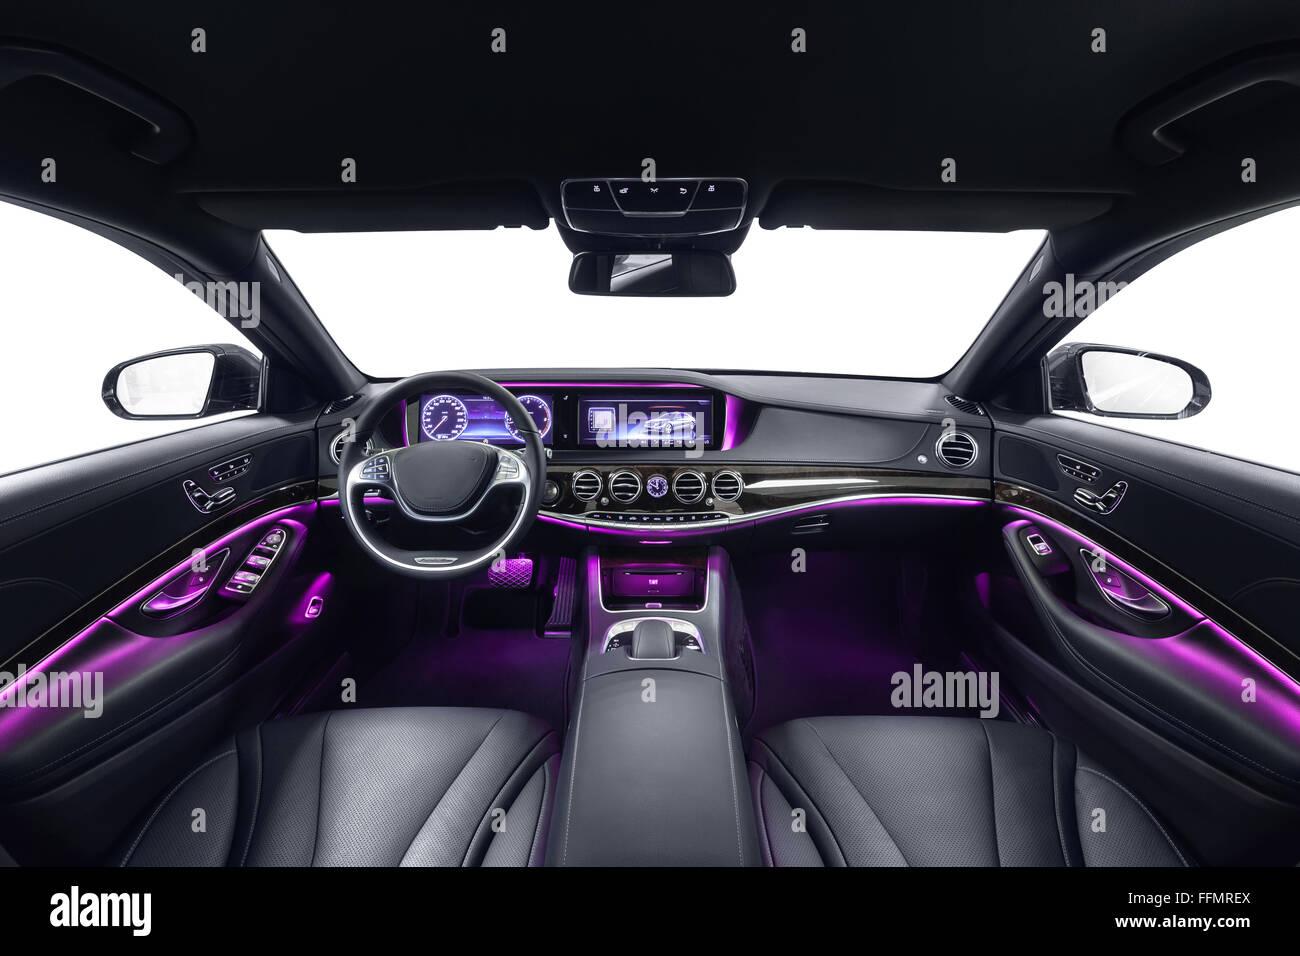 https://c8.alamy.com/compde/ffmrex/auto-innenraum-schwarz-komfortsitze-mit-violetten-umgebungslicht-komfortablen-modernen-salon-reinigung-und-auto-service-details-ffmrex.jpg